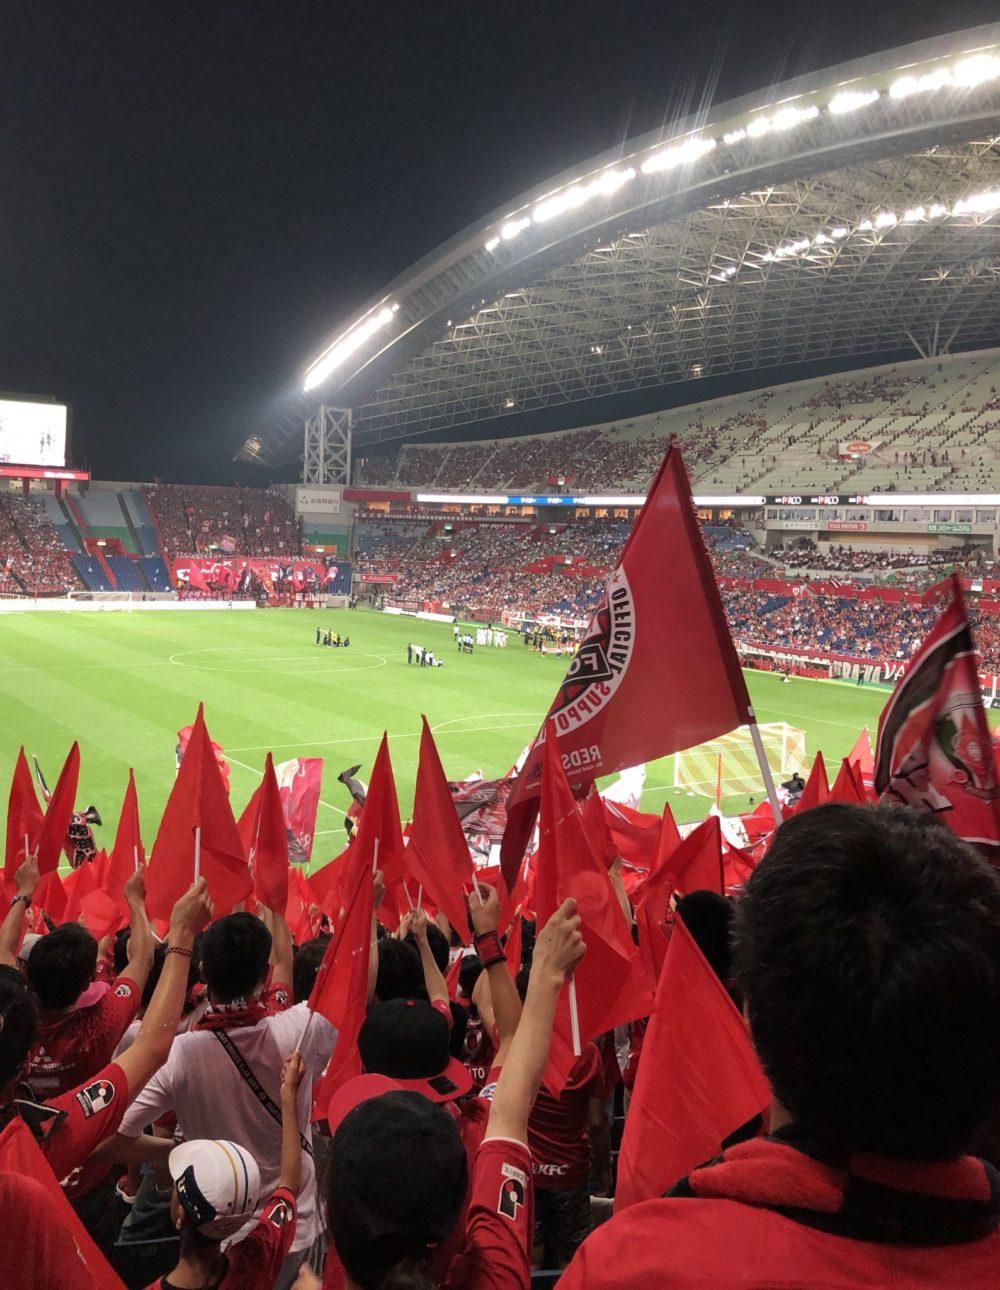 北スタンド 応援 埼玉スタジアム 浦和レッズ